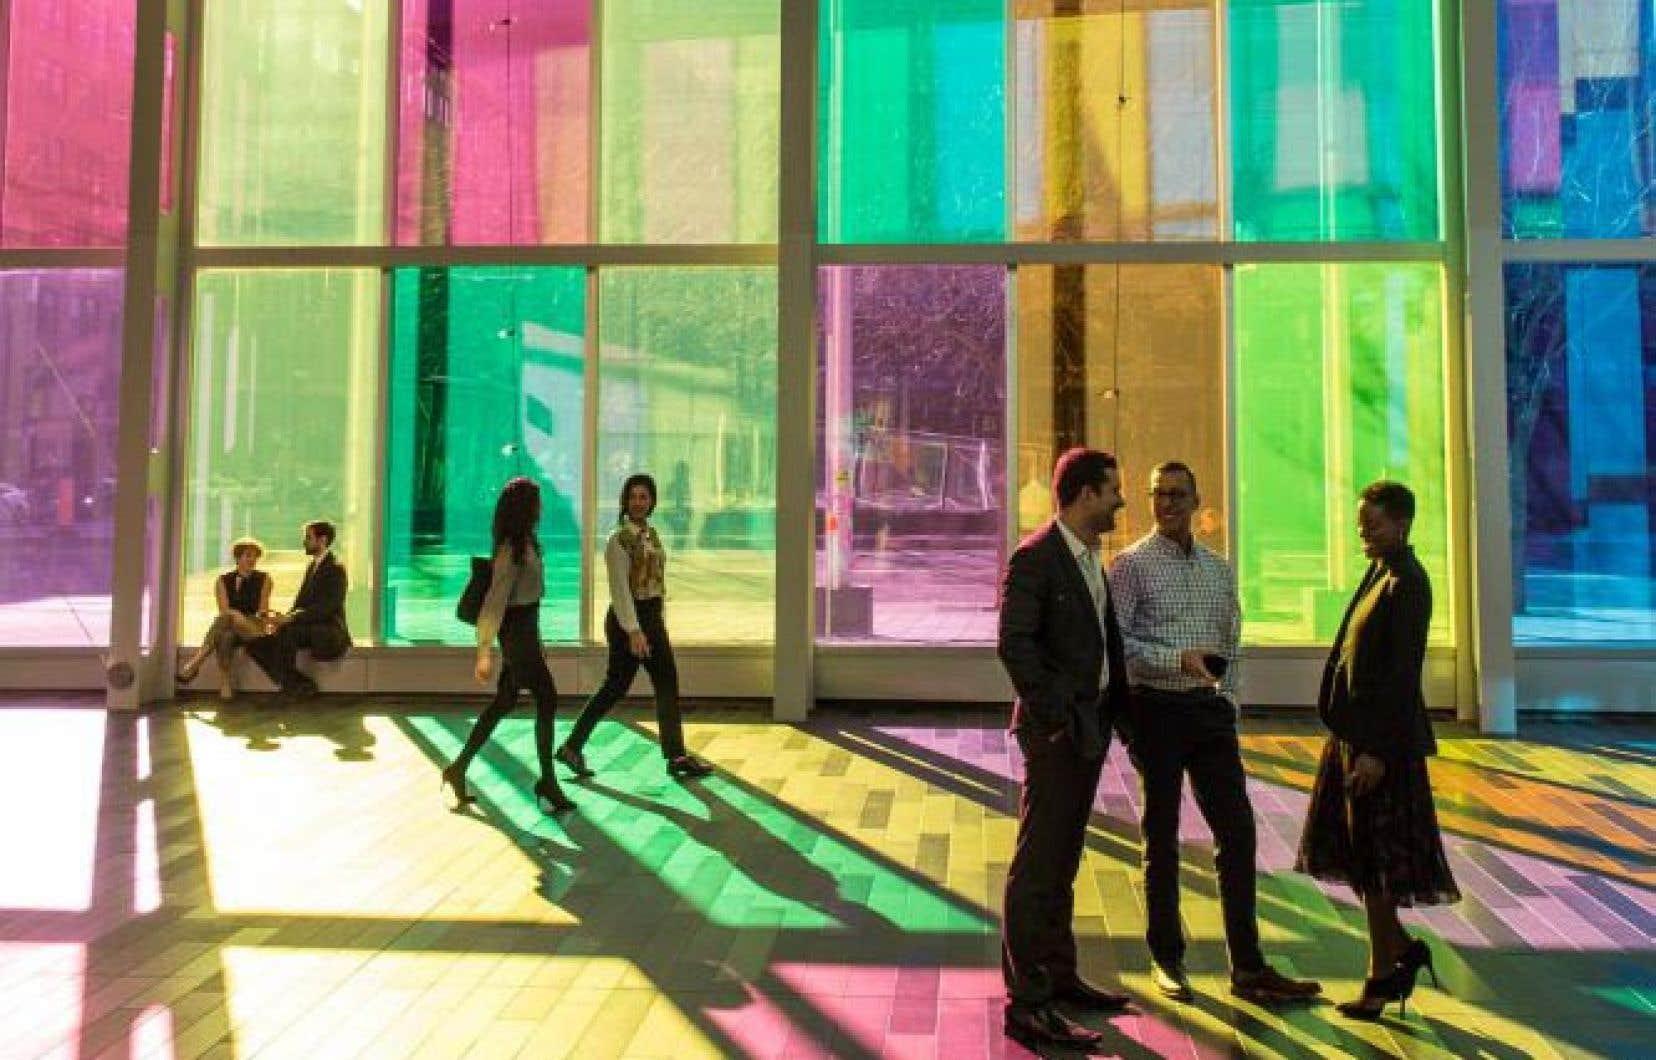 Le Palais des congrès de Montréal s'est associé avec l'incubateur d'innovations en tourisme MT Lab pour devenir «une vitrine de la créativité montréalaise».